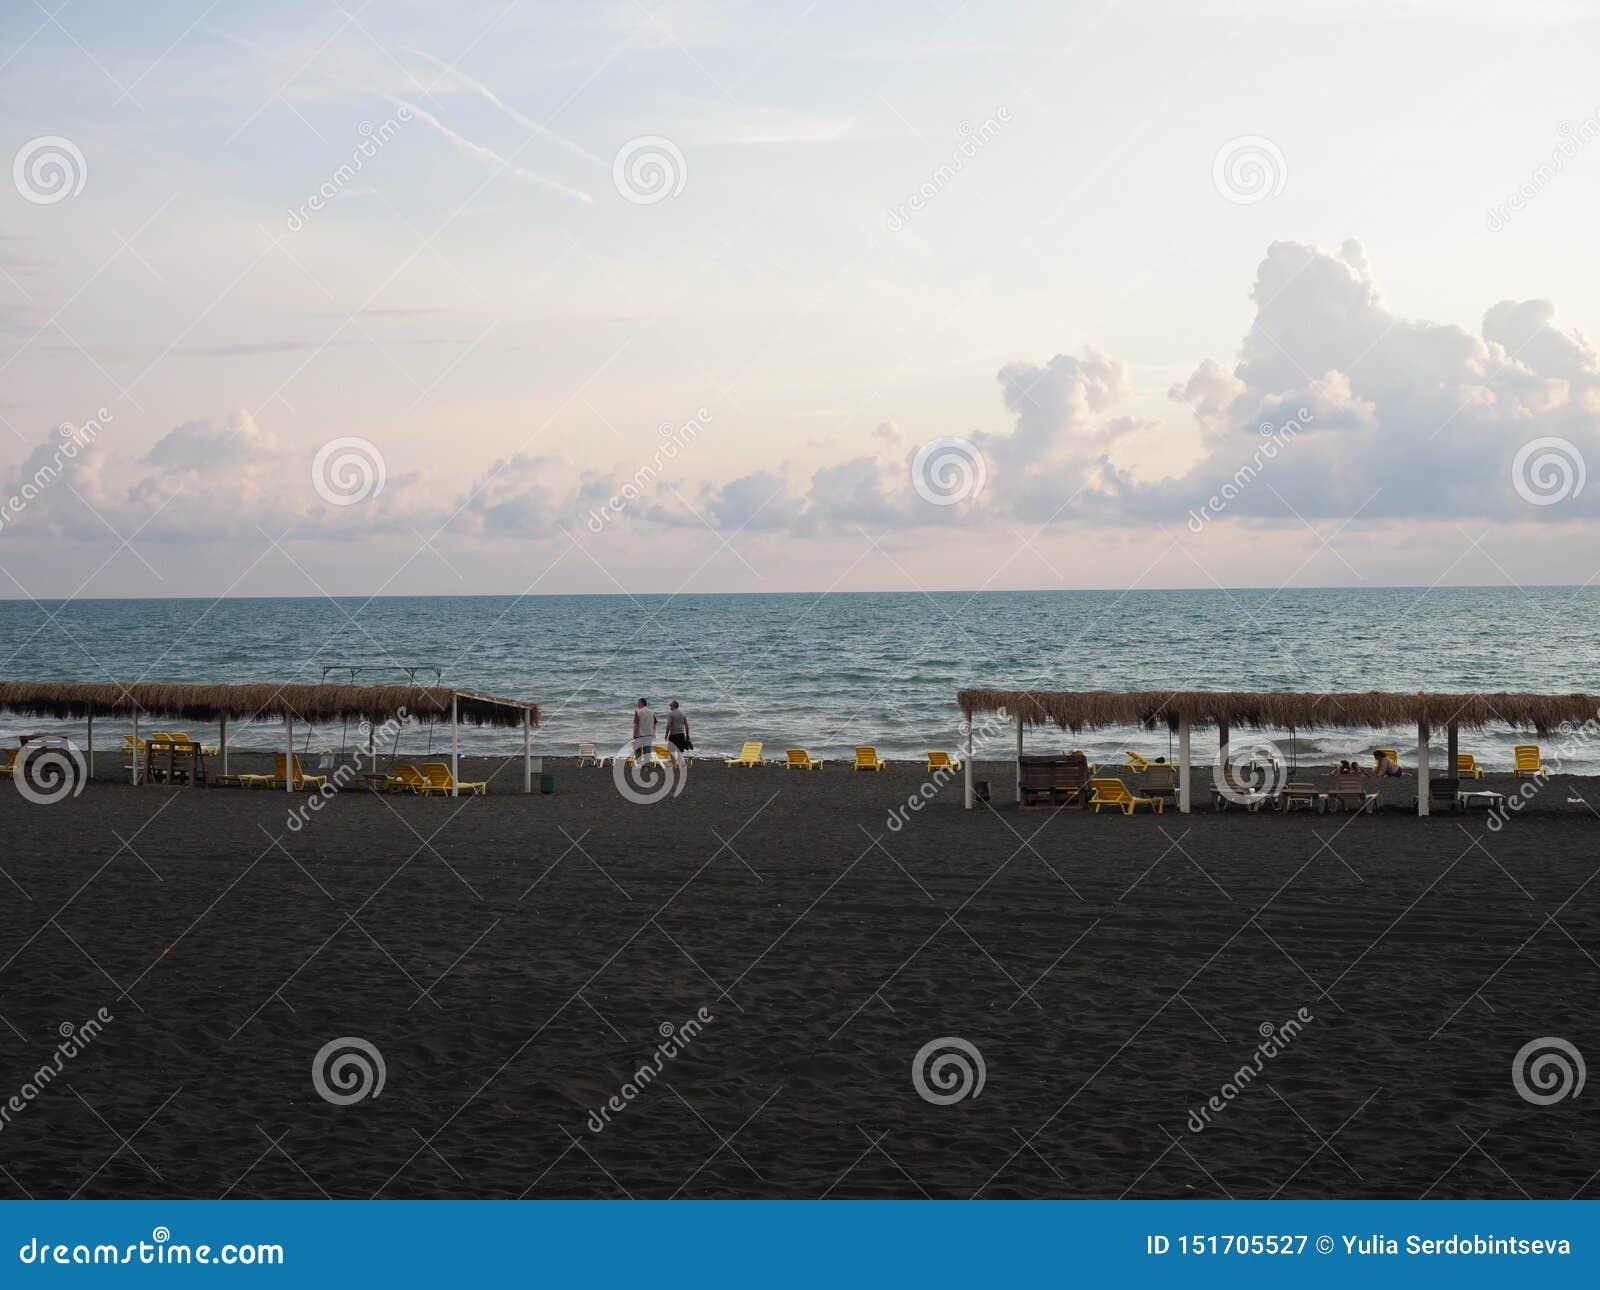 离开的海滩在有黑沙子的乔治亚 对俄罗斯的制裁 游人缺席季节中 乔治亚,